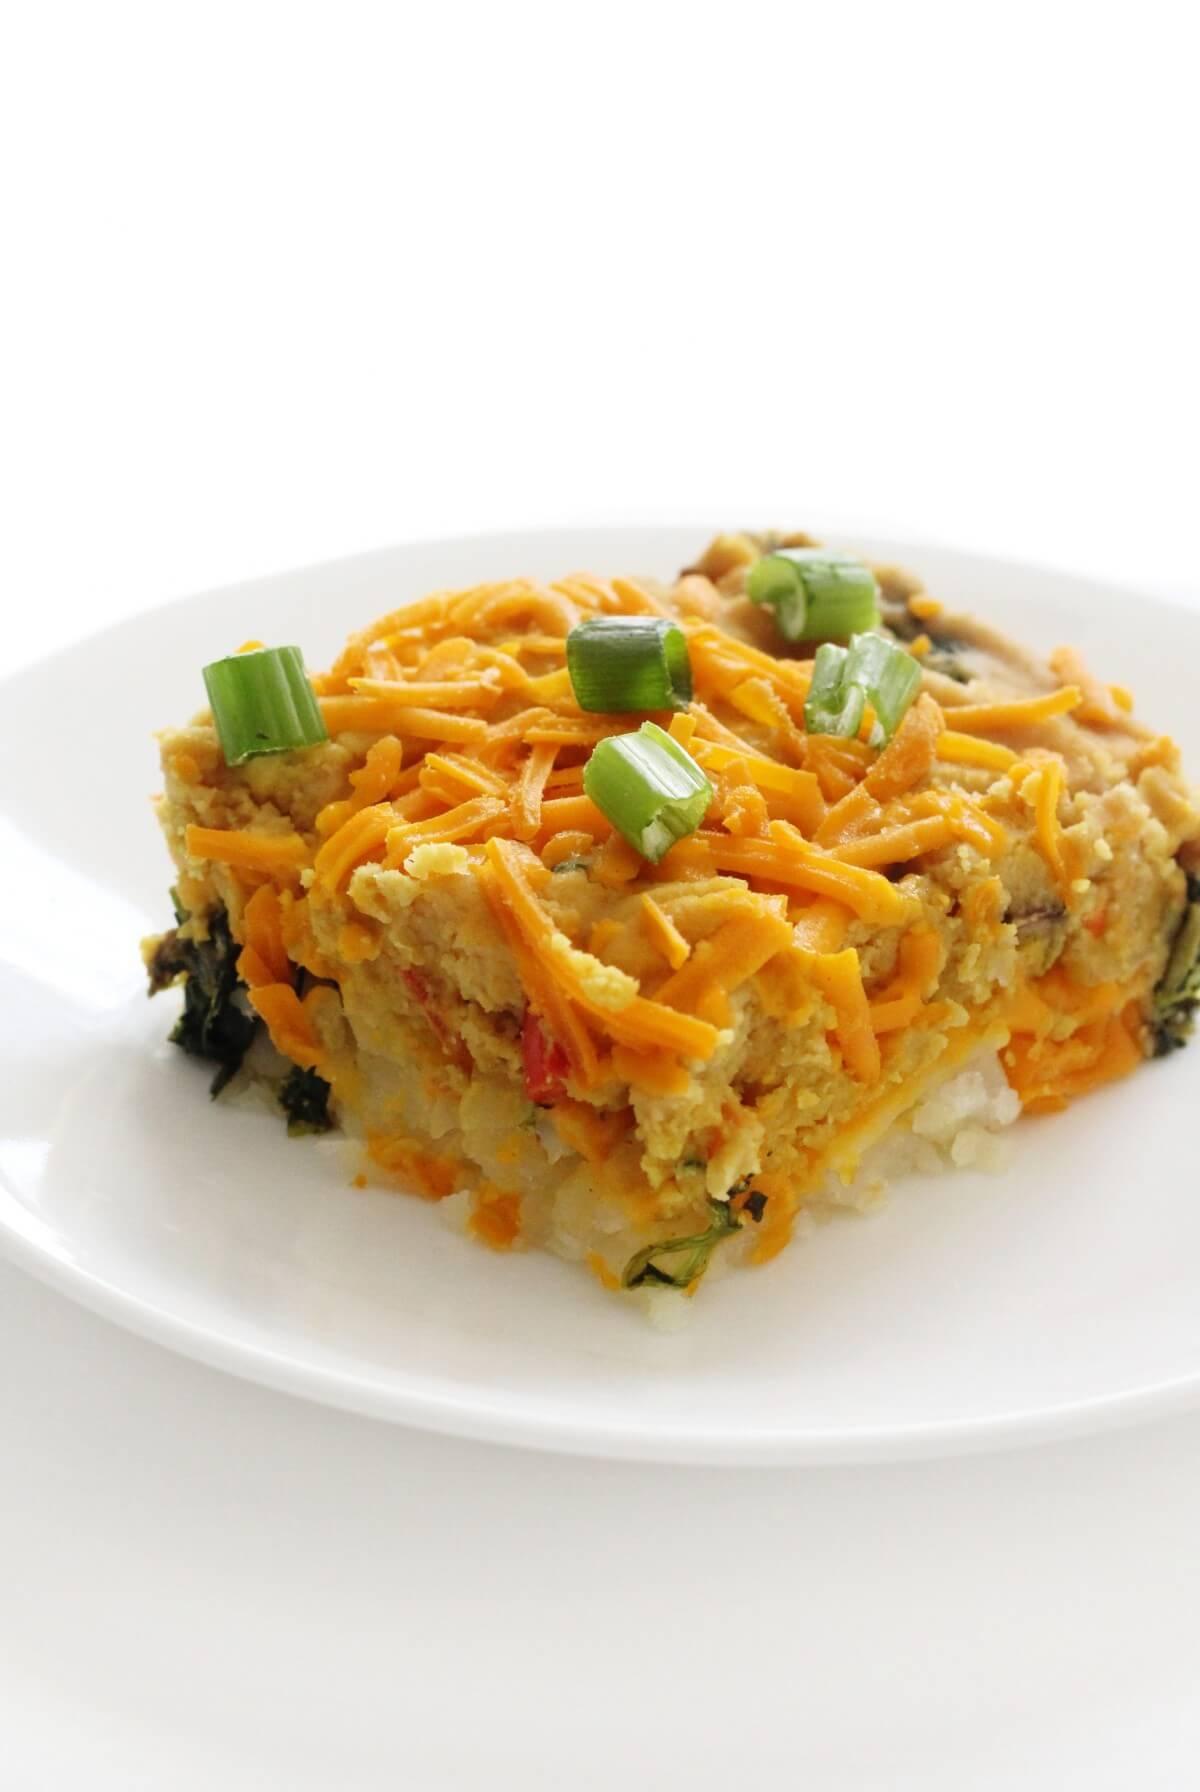 serving of easy vegan breakfast casserole on white plate